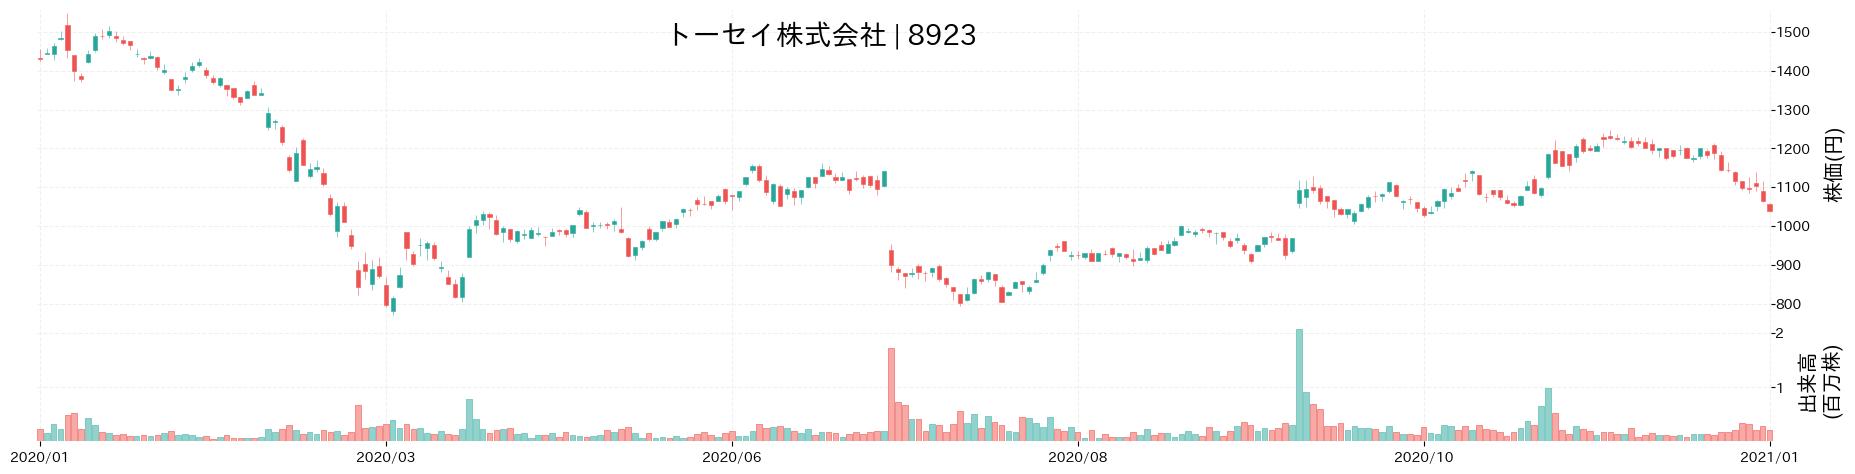 トーセイ株式会社の株価推移(2020)